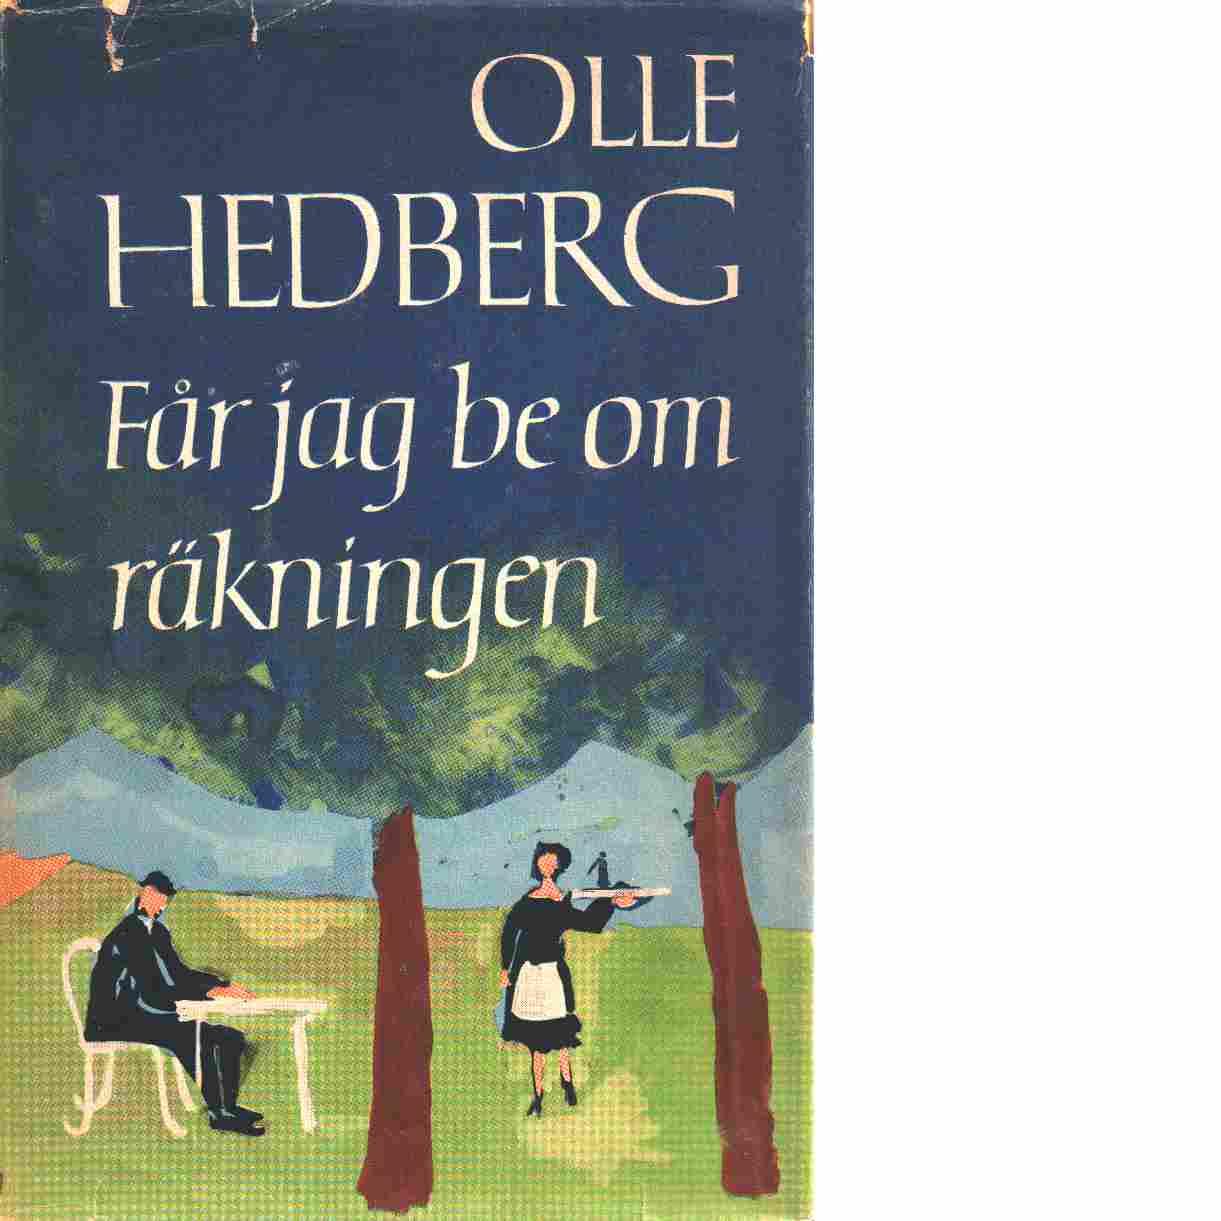 Får jag be om räkningen - Hedberg, Olle